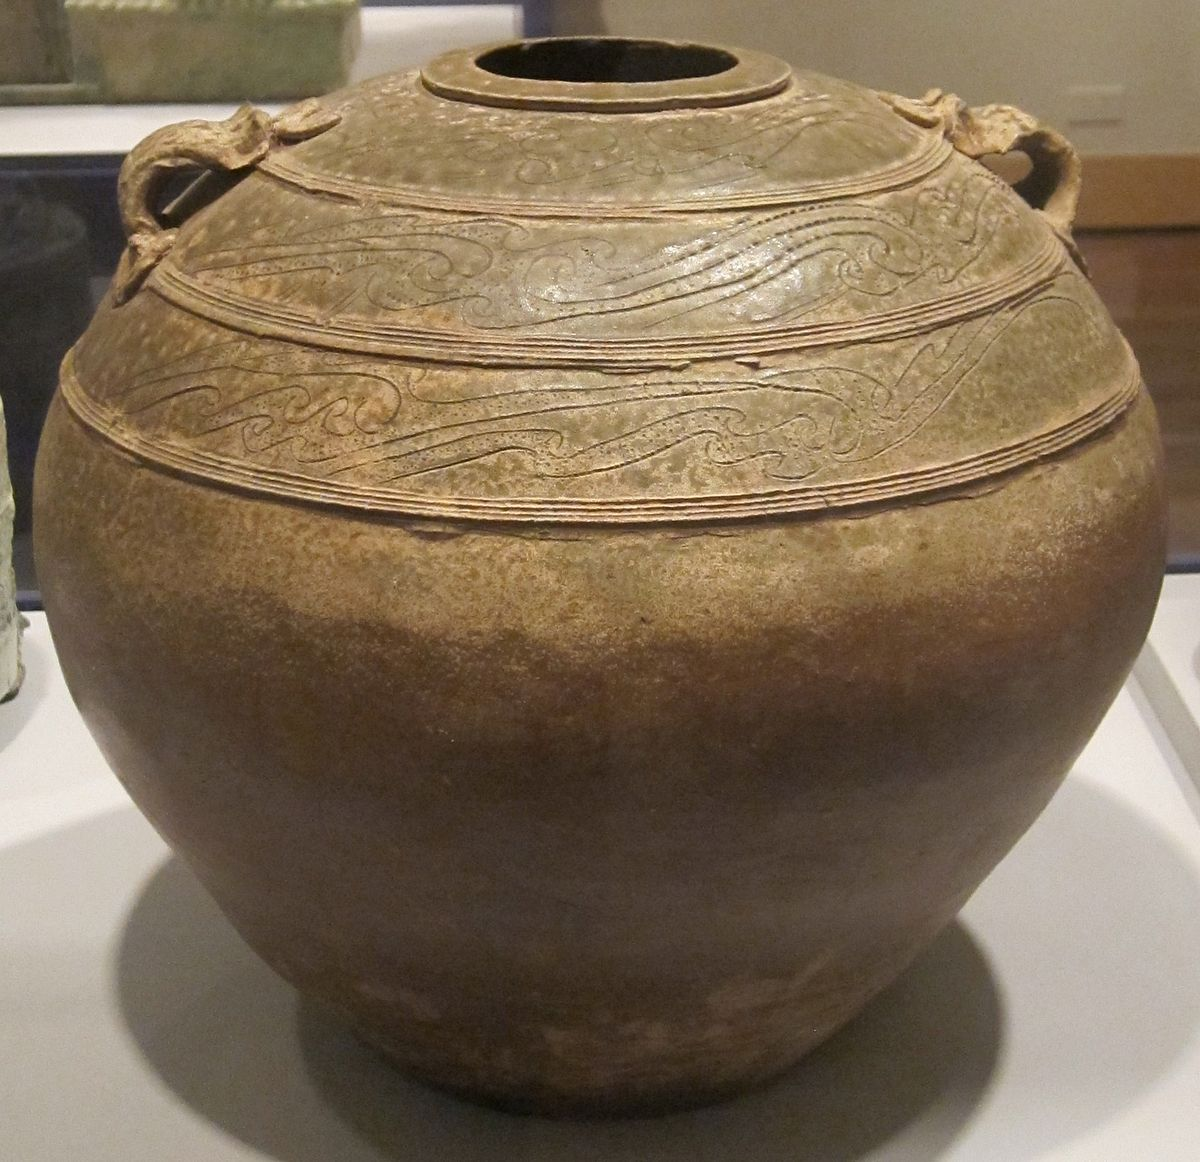 Gres wikipedia la enciclopedia libre for Pasta para ceramica gres